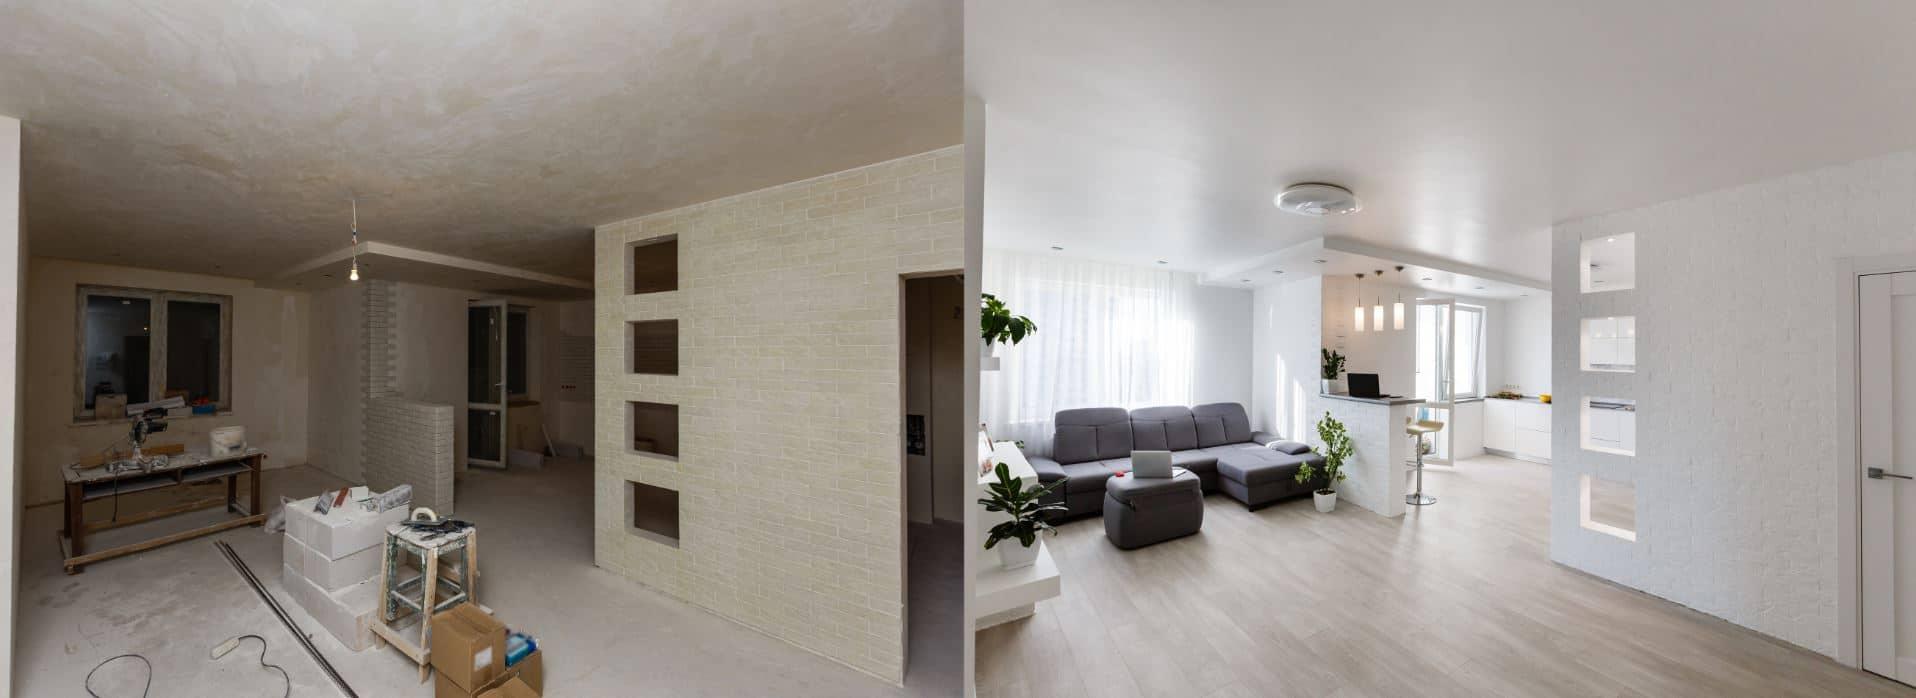 Rénovation de maison à Amiens (80)